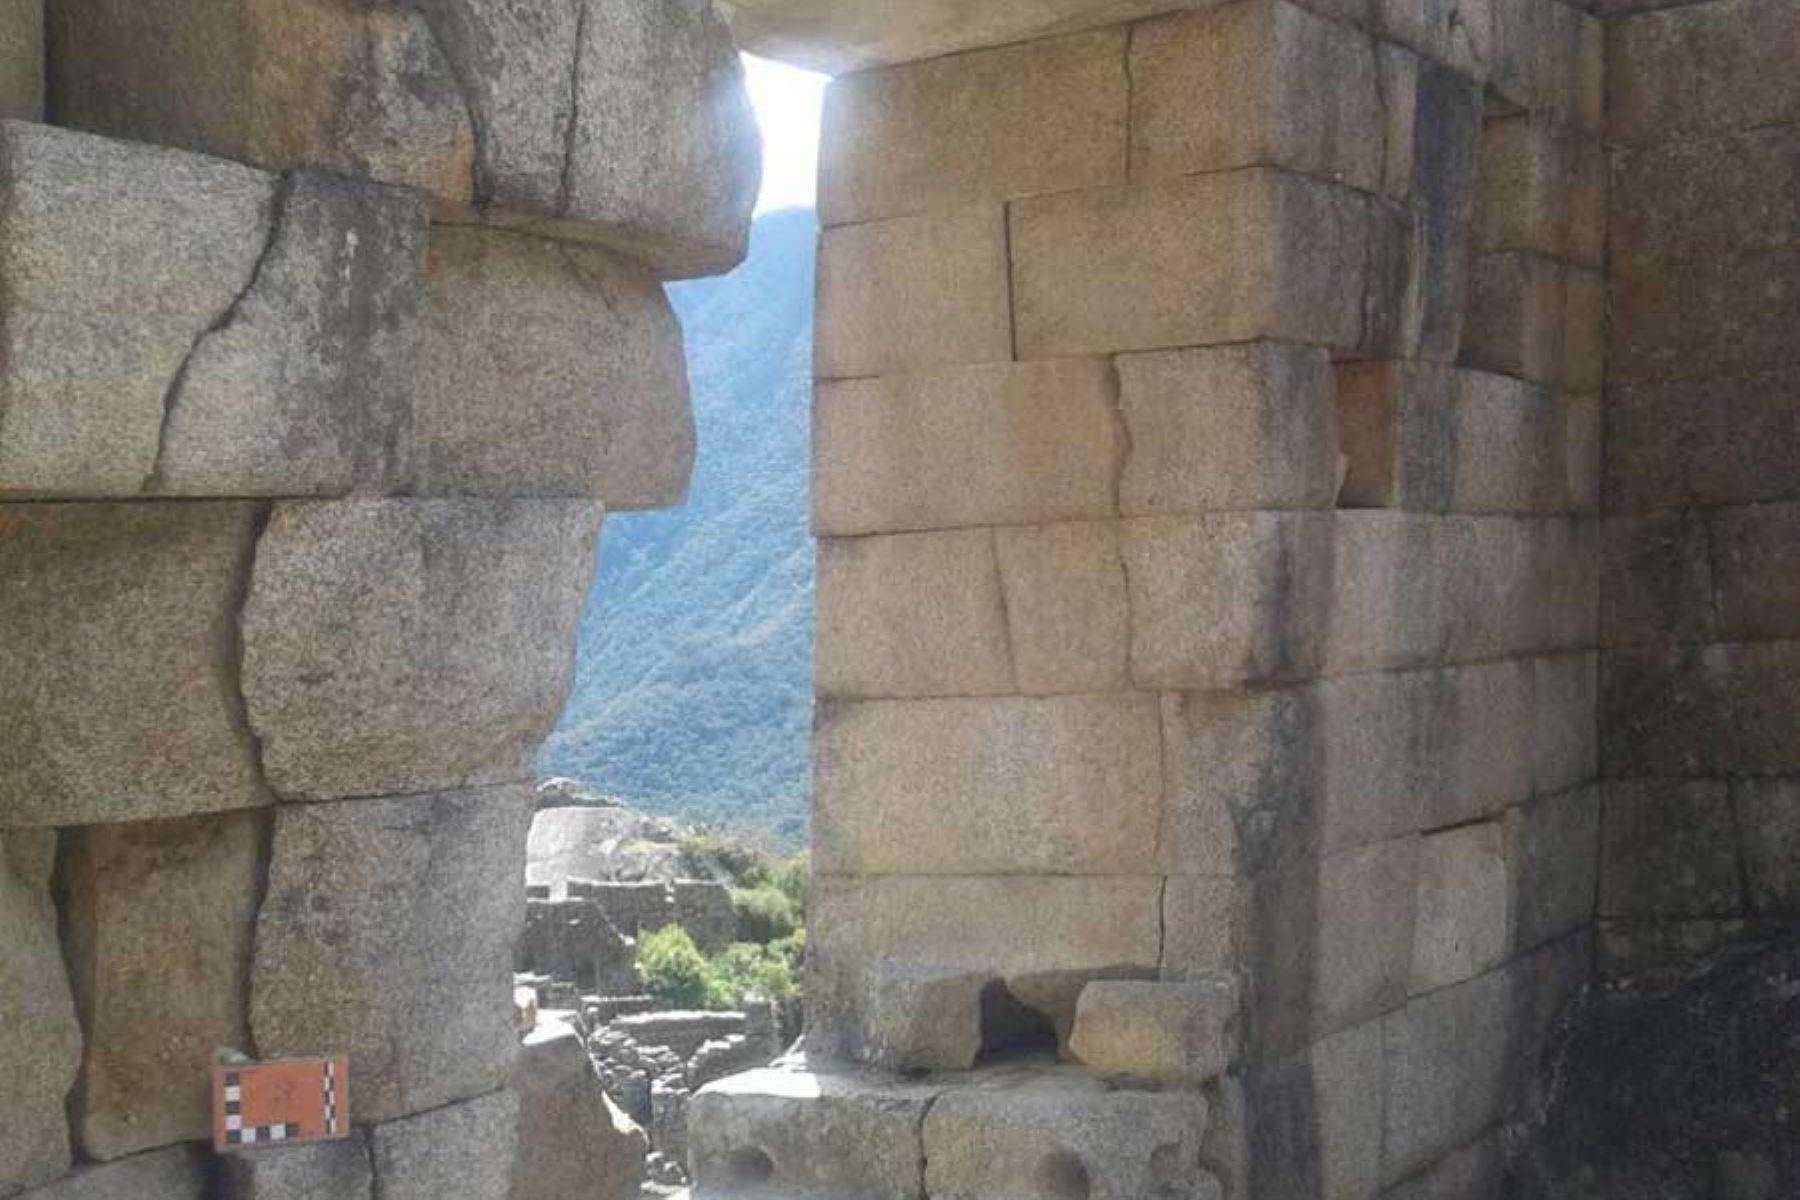 Gracias al proyecto Cusco-Pata se ha determinado por qué hay separaciones entre los muros de Machu Picchu y por qué algunos bordes están rotos. Foto: ANDINA/Ingemmet